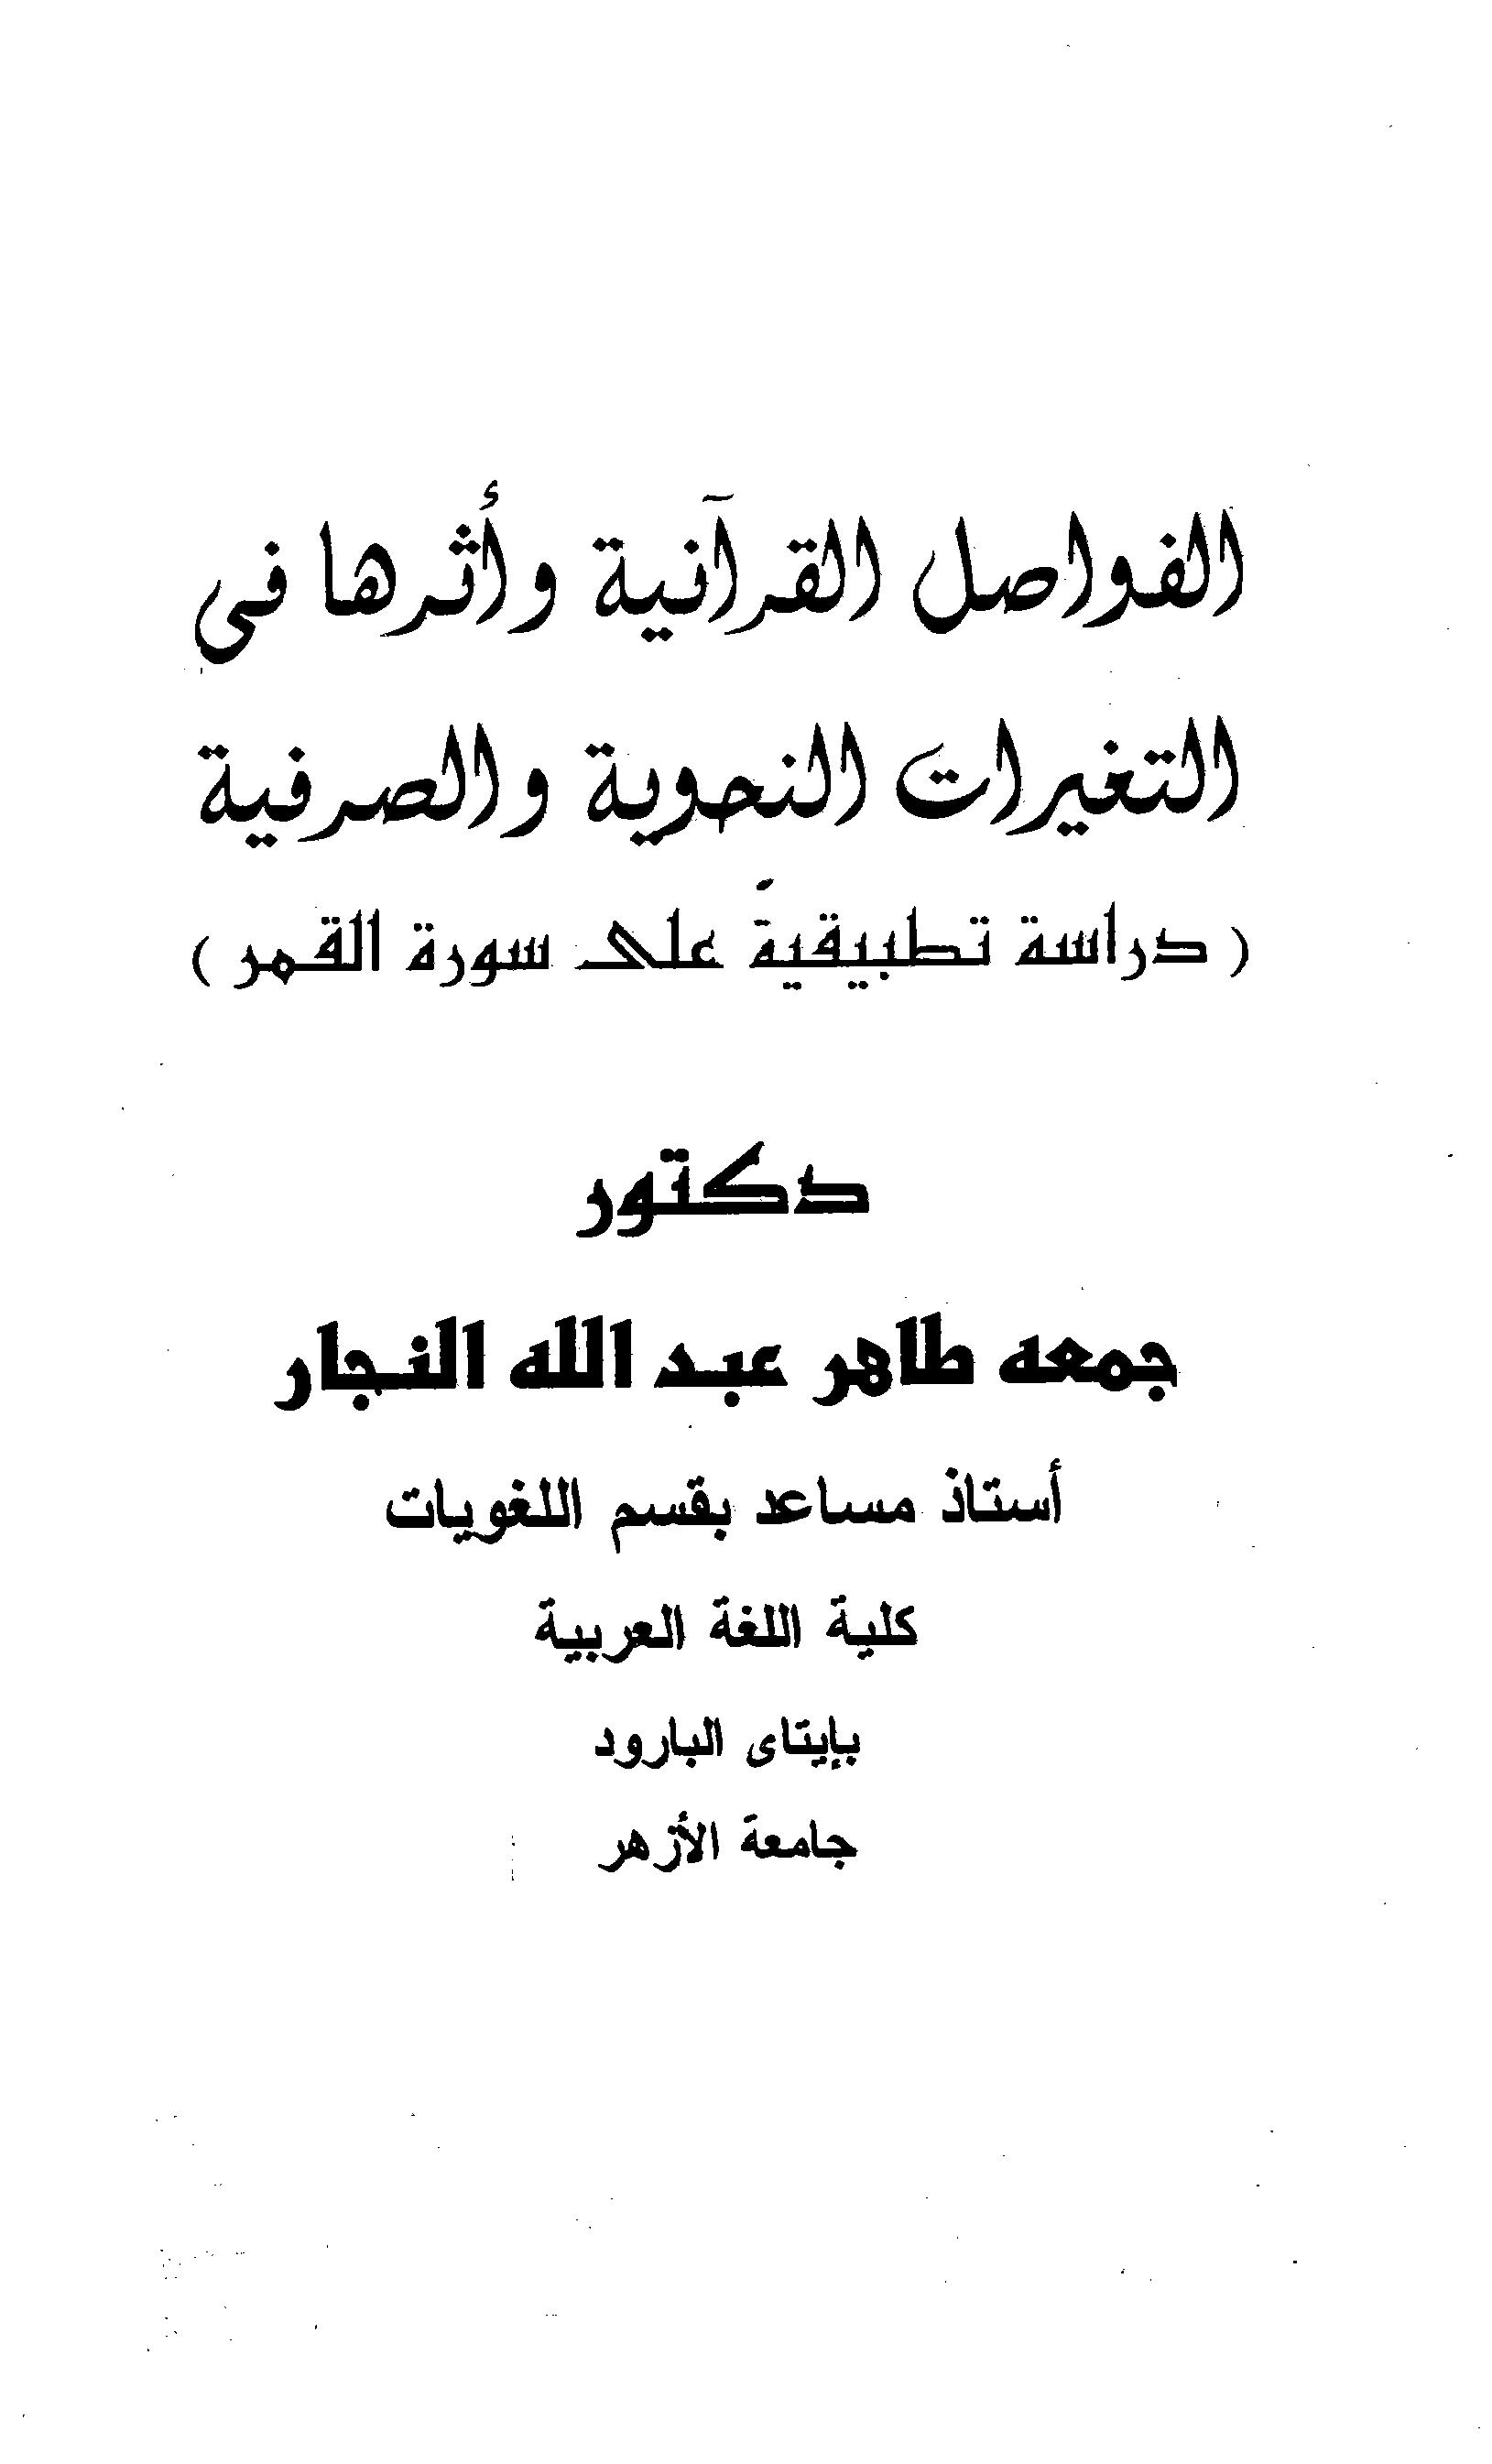 تحميل كتاب الفواصل القرآنية وأثرها في التغيرات النحوية والصرفية (دراسة تطبيقية على سورة القمر) لـِ: الدكتور جمعة طاهر عبد الله النجار